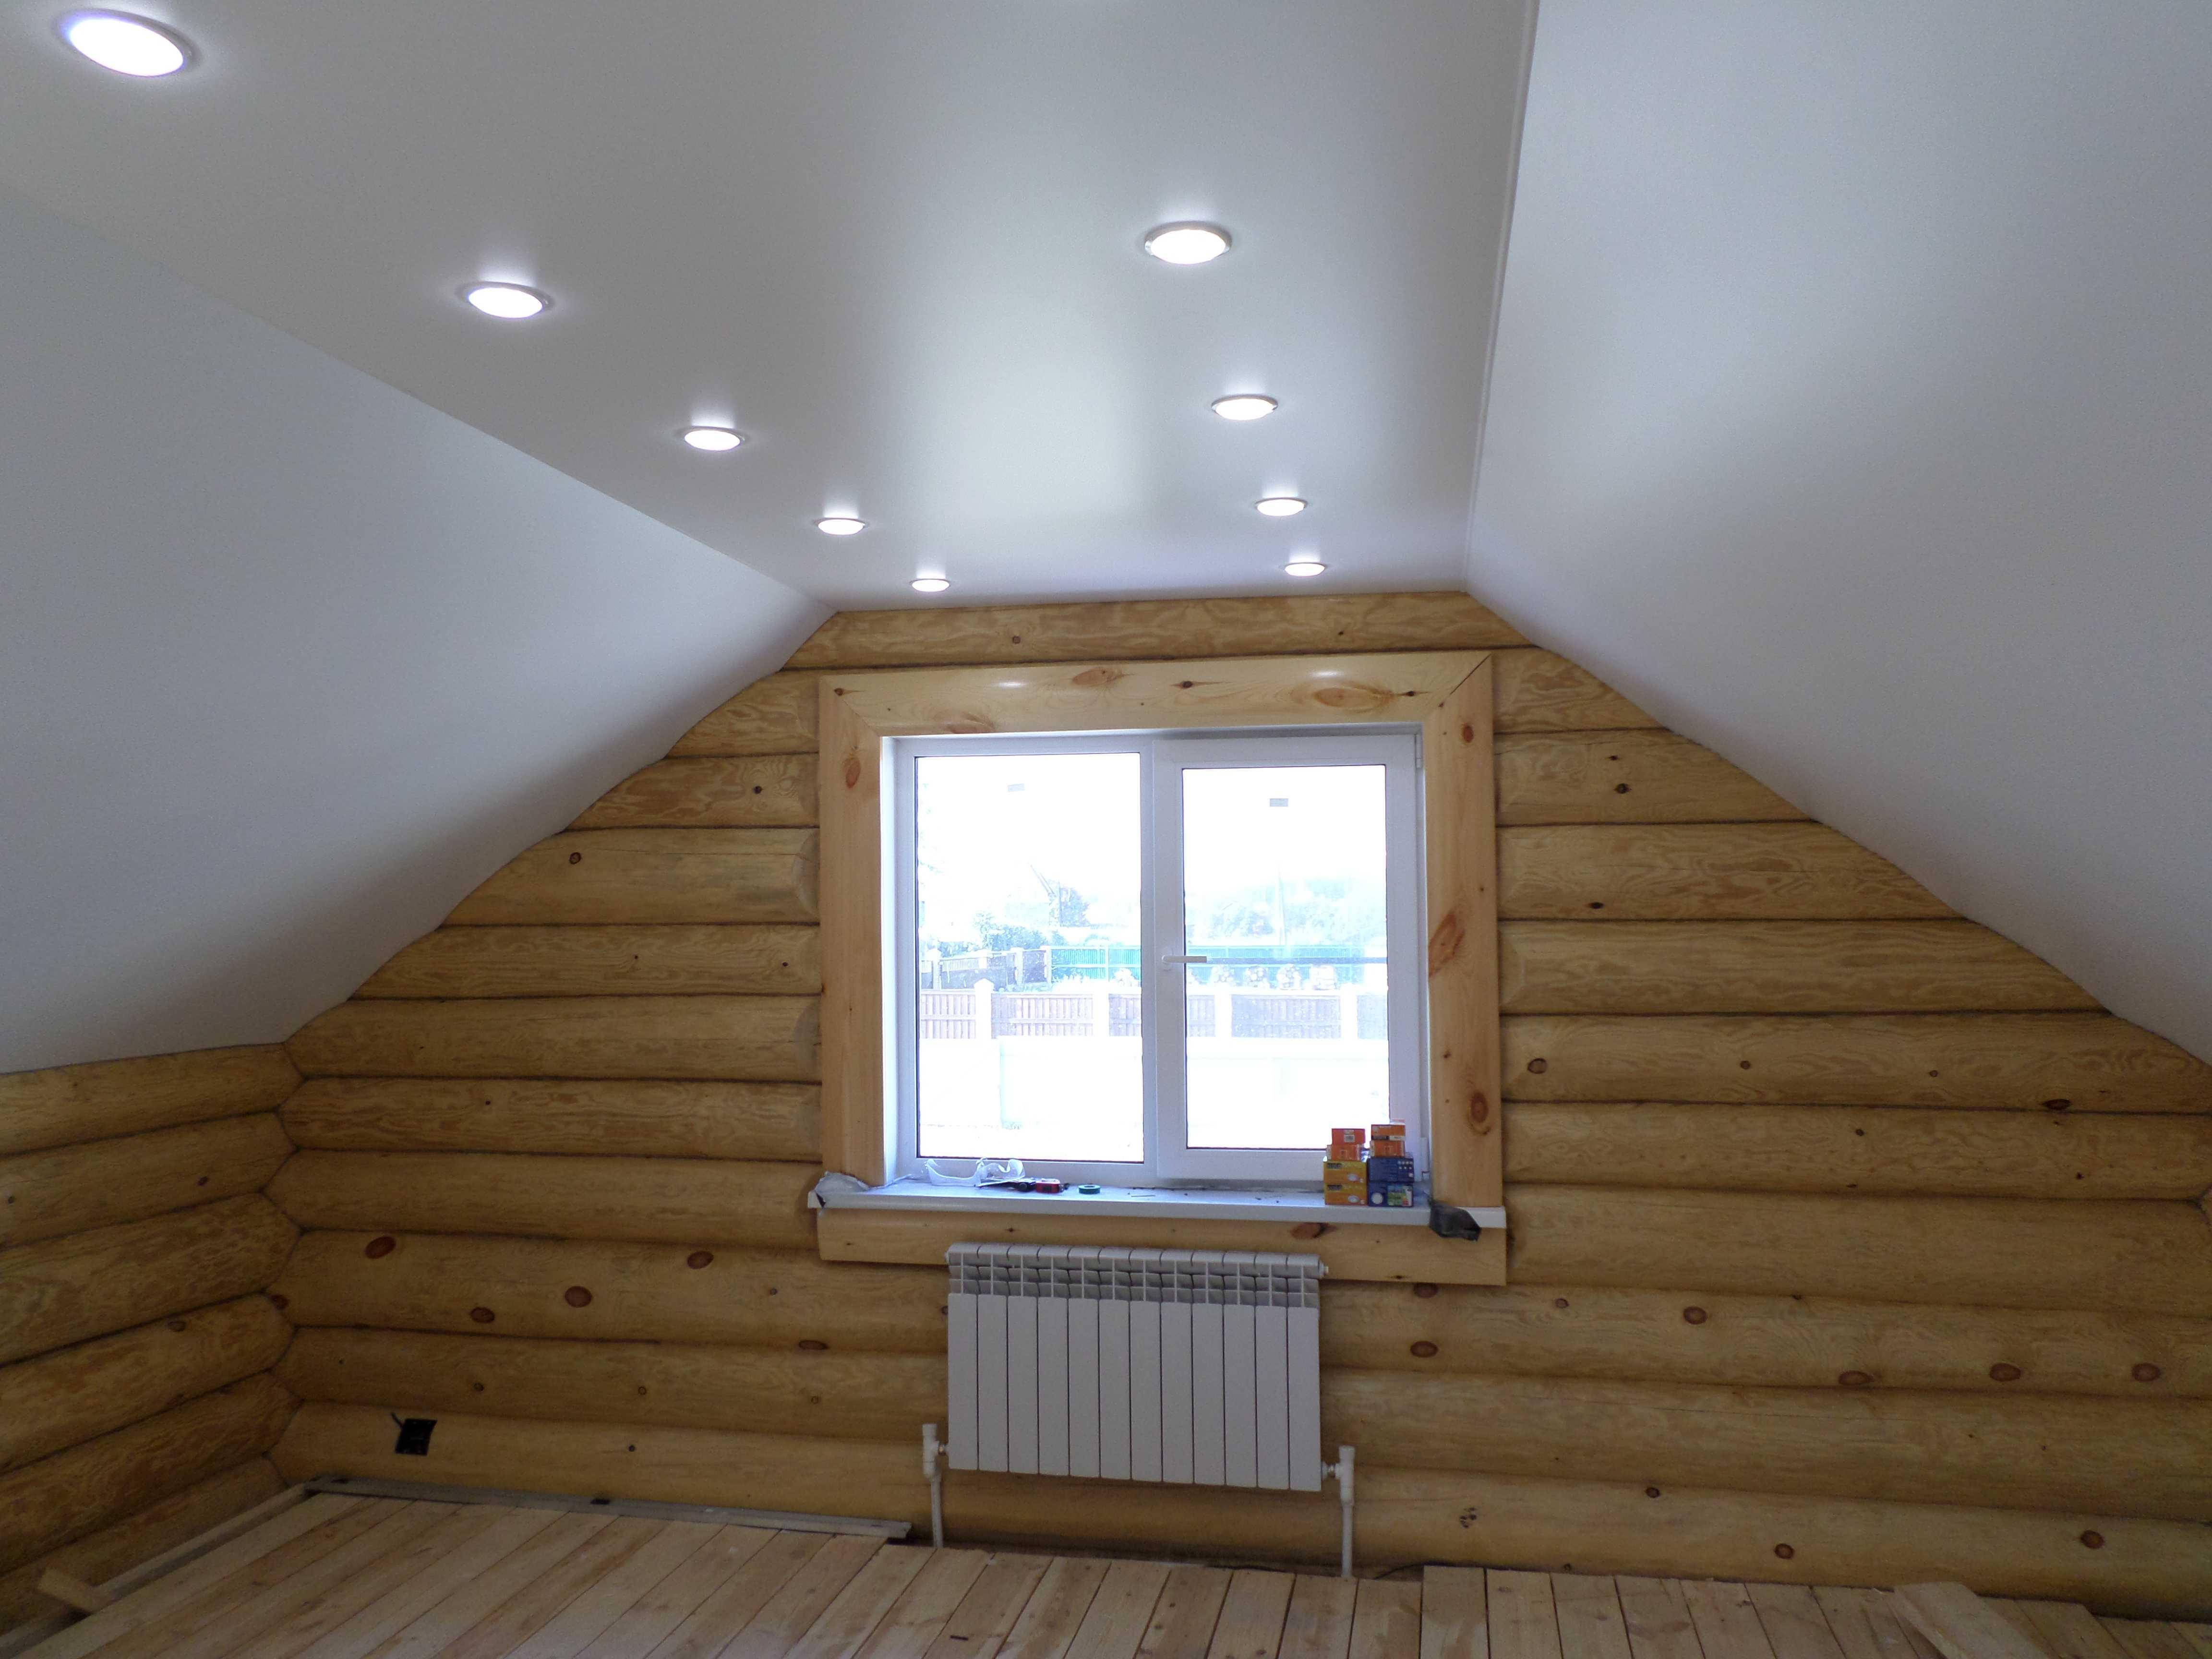 Расположение светильников в помещении с окнами